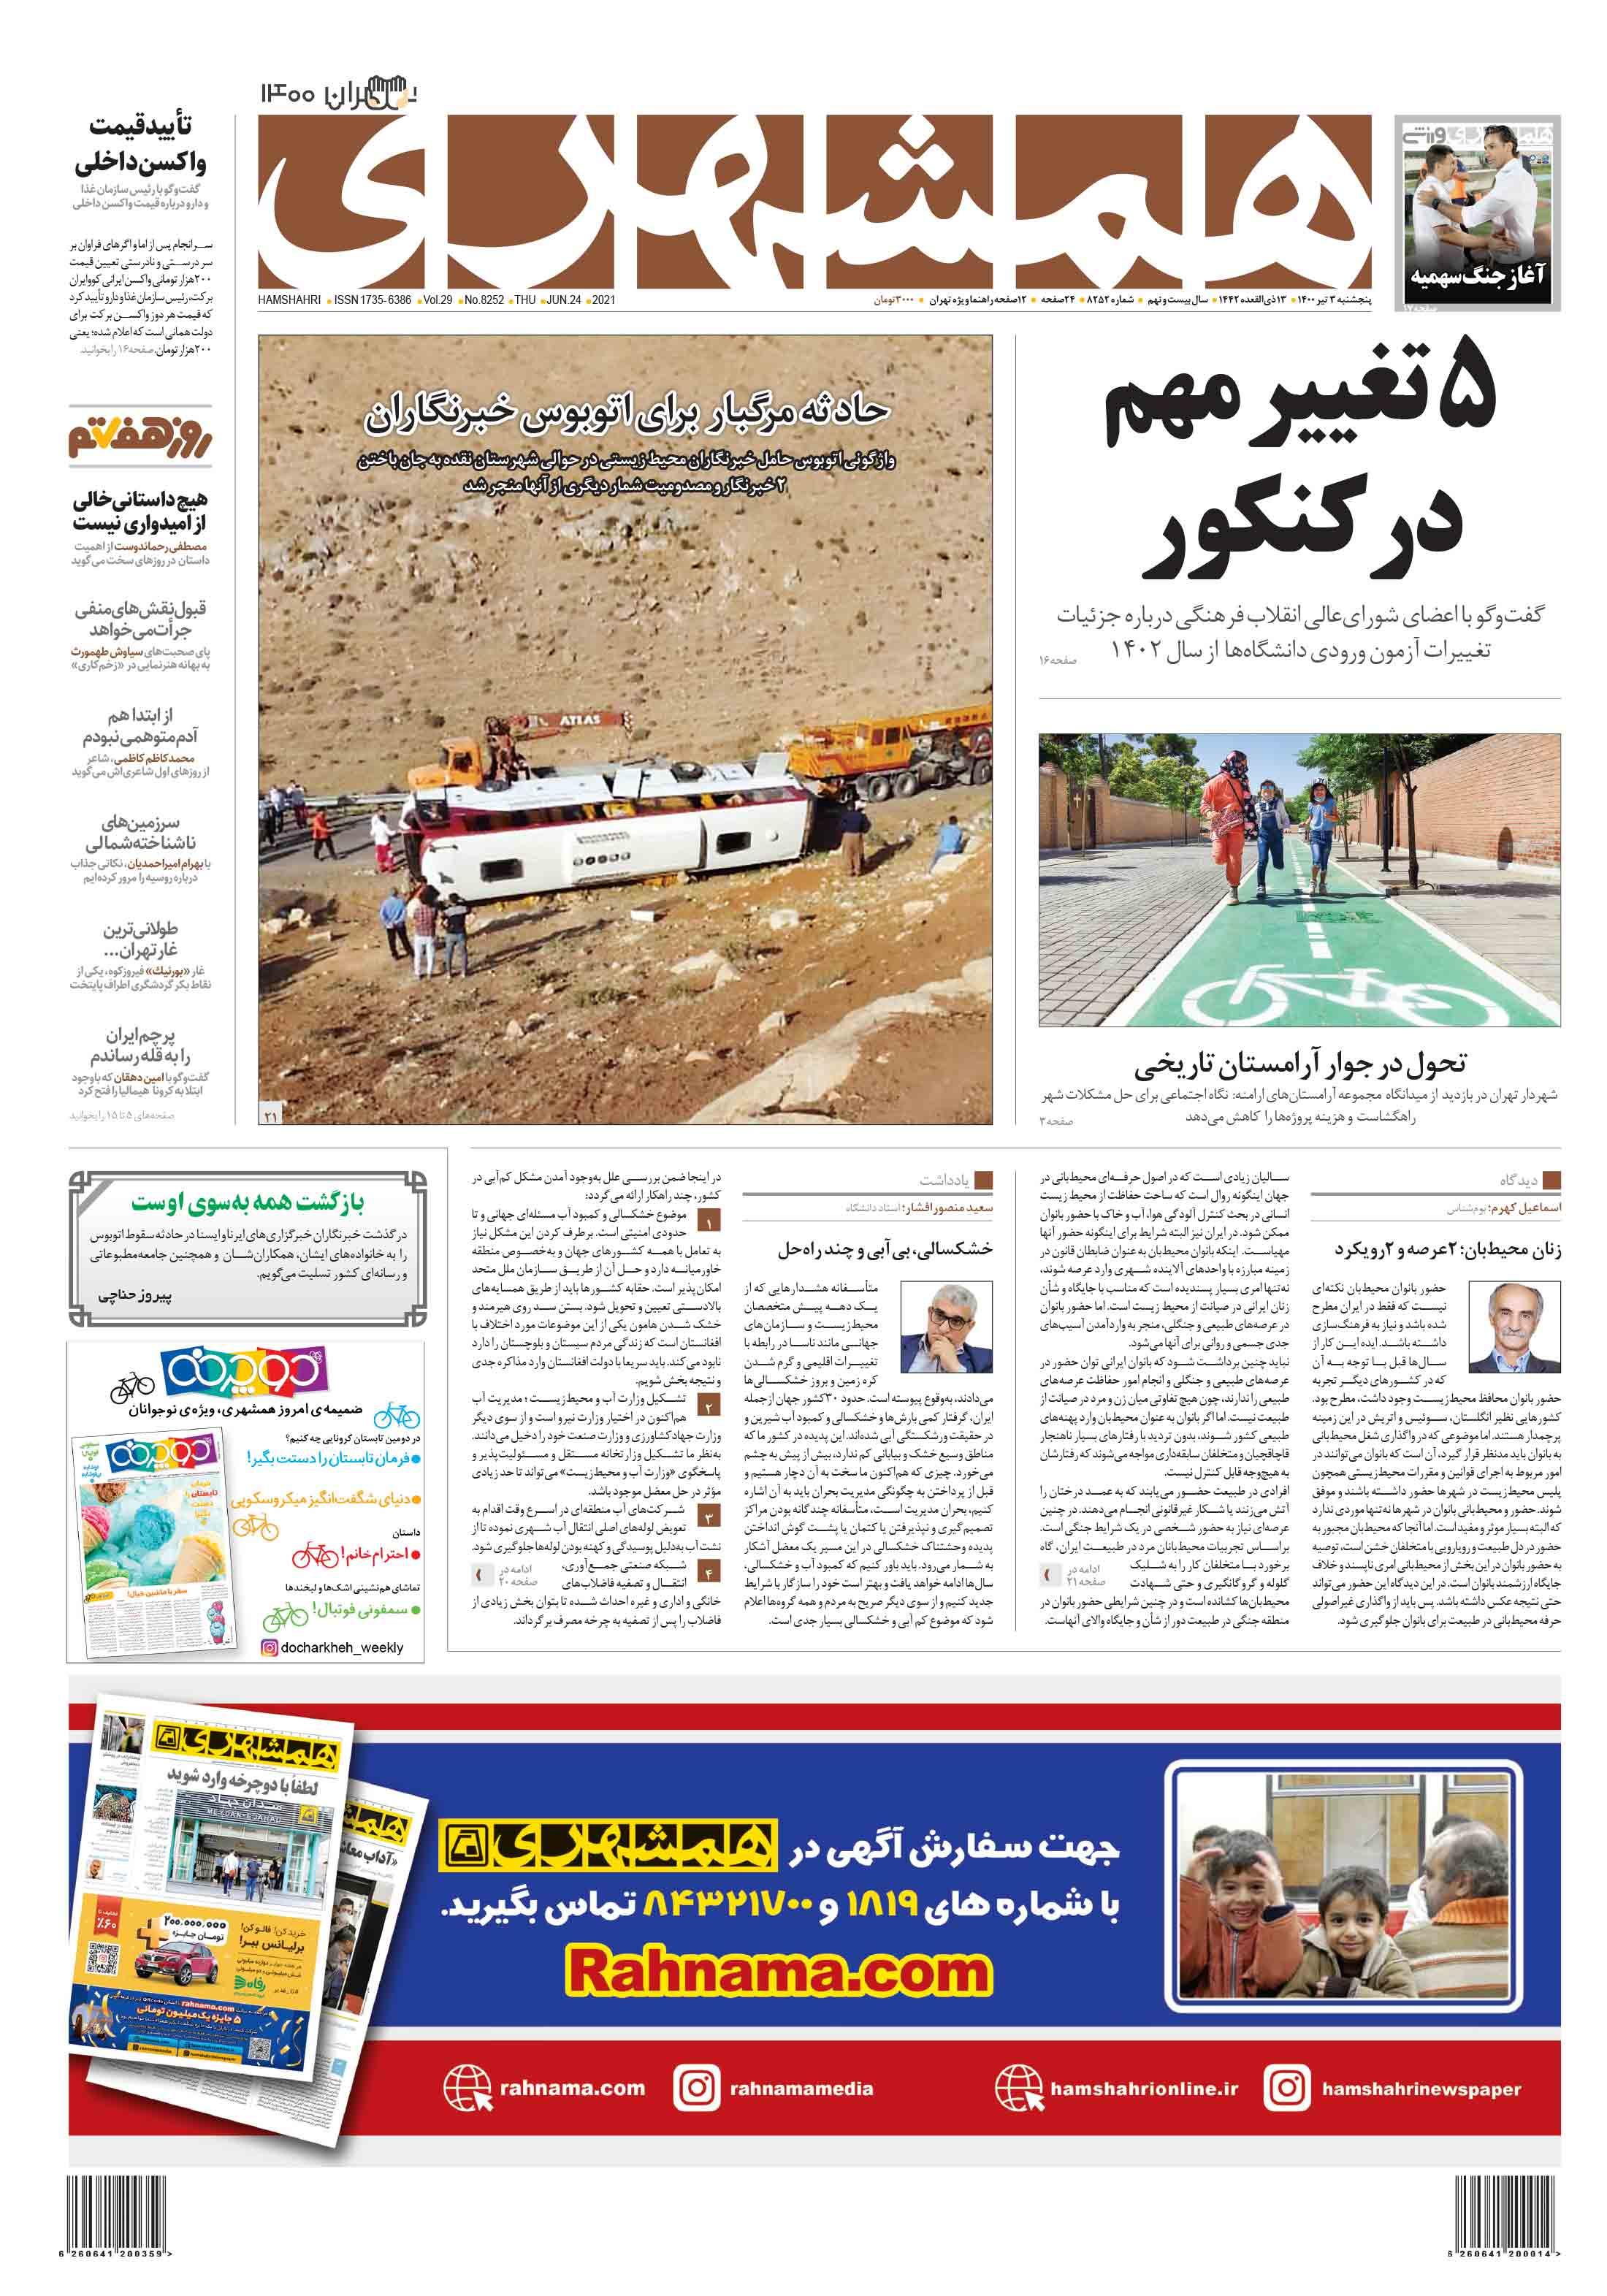 صفحه اول پنجشنبه 3 تیر 1400